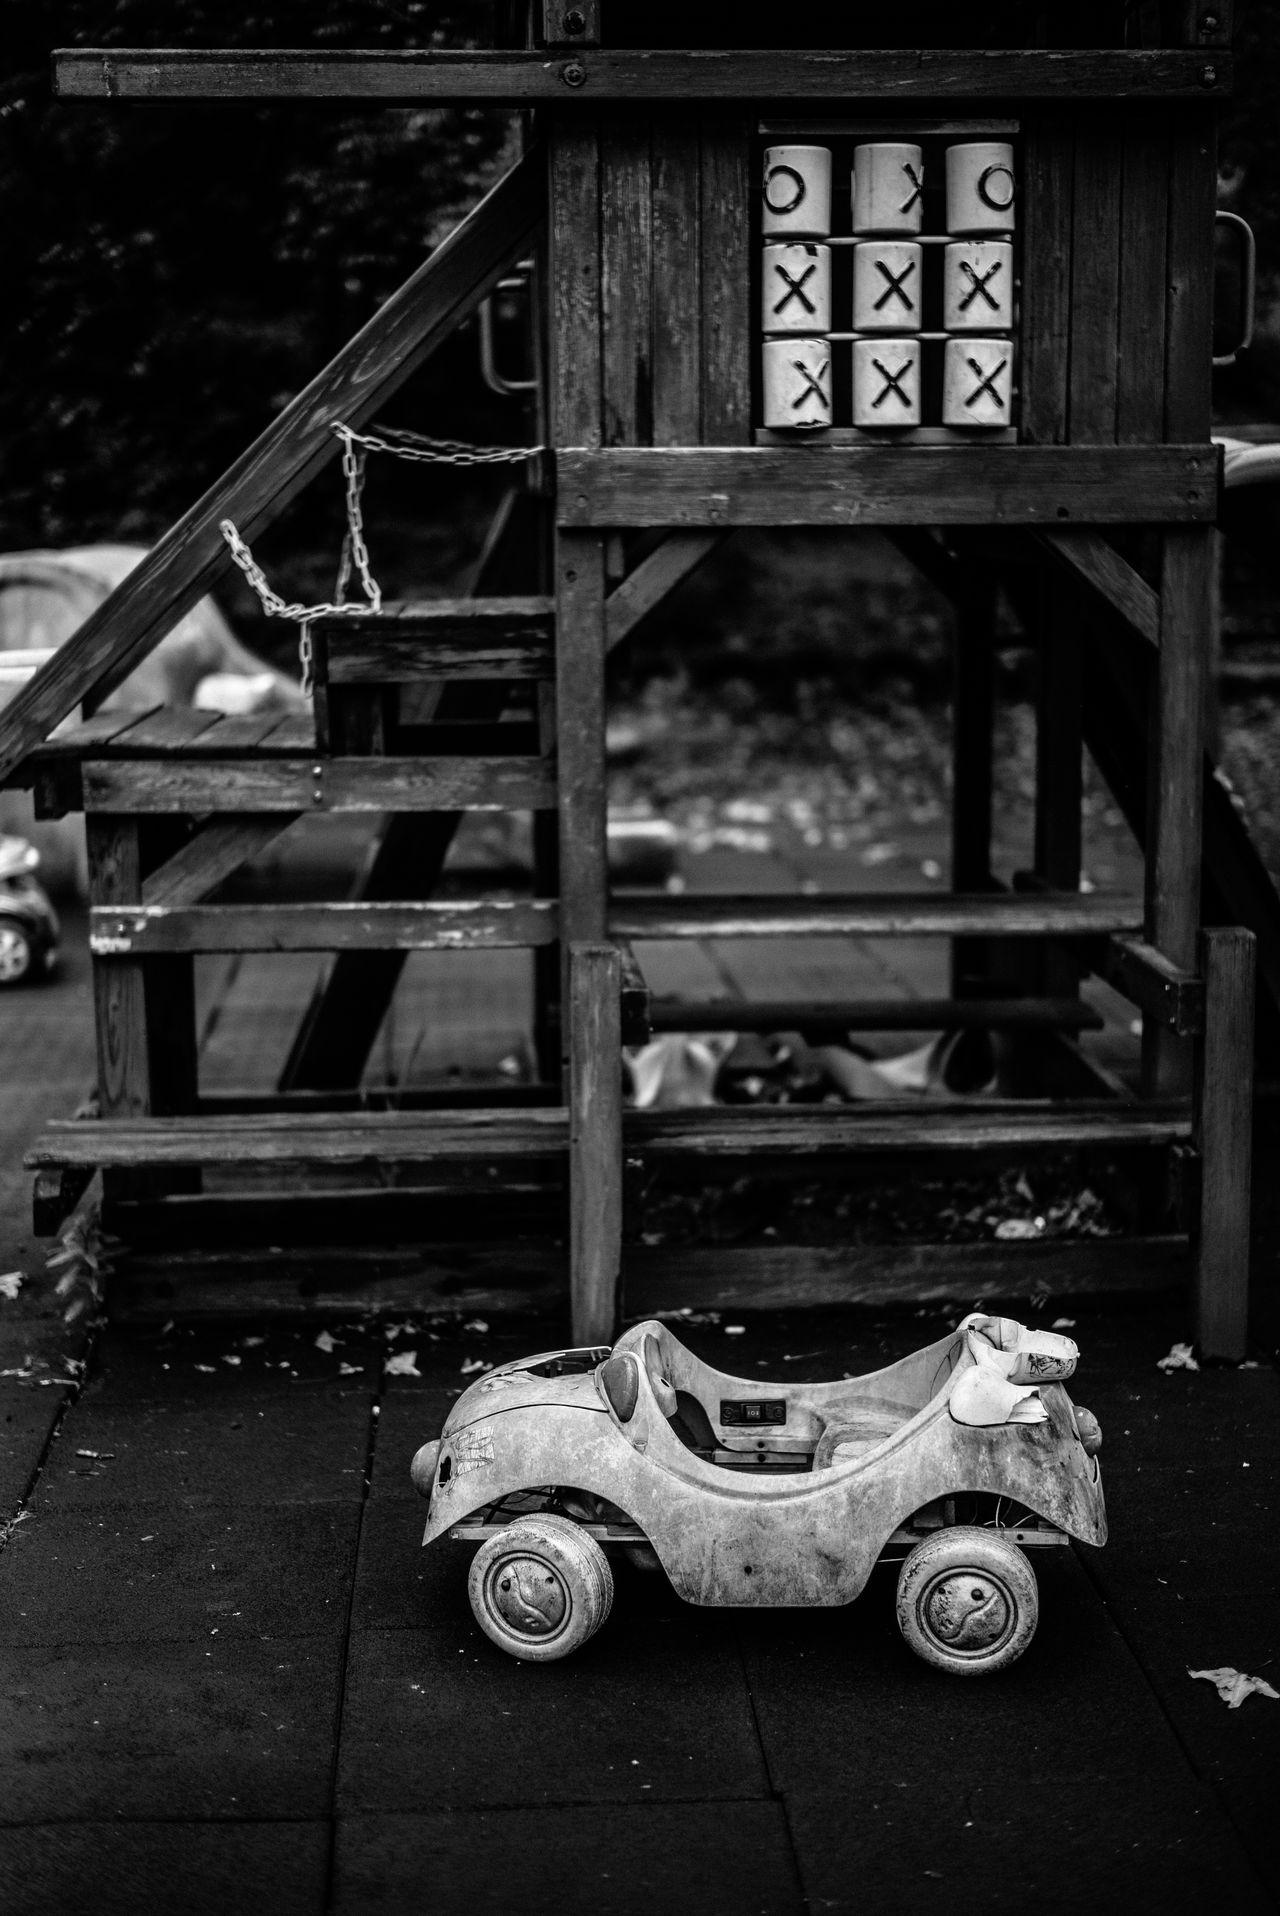 Parking Black Black & White Black And White Black&white Blackandwhite Blackandwhite Photography Blackandwhitephotography EyeEm EyeEm Best Edits EyeEm Best Shots EyeEm Best Shots - Black + White EyeEm Gallery Ooxx Parking Street Street Photography Streetphoto Streetphoto_bw Streetphotography